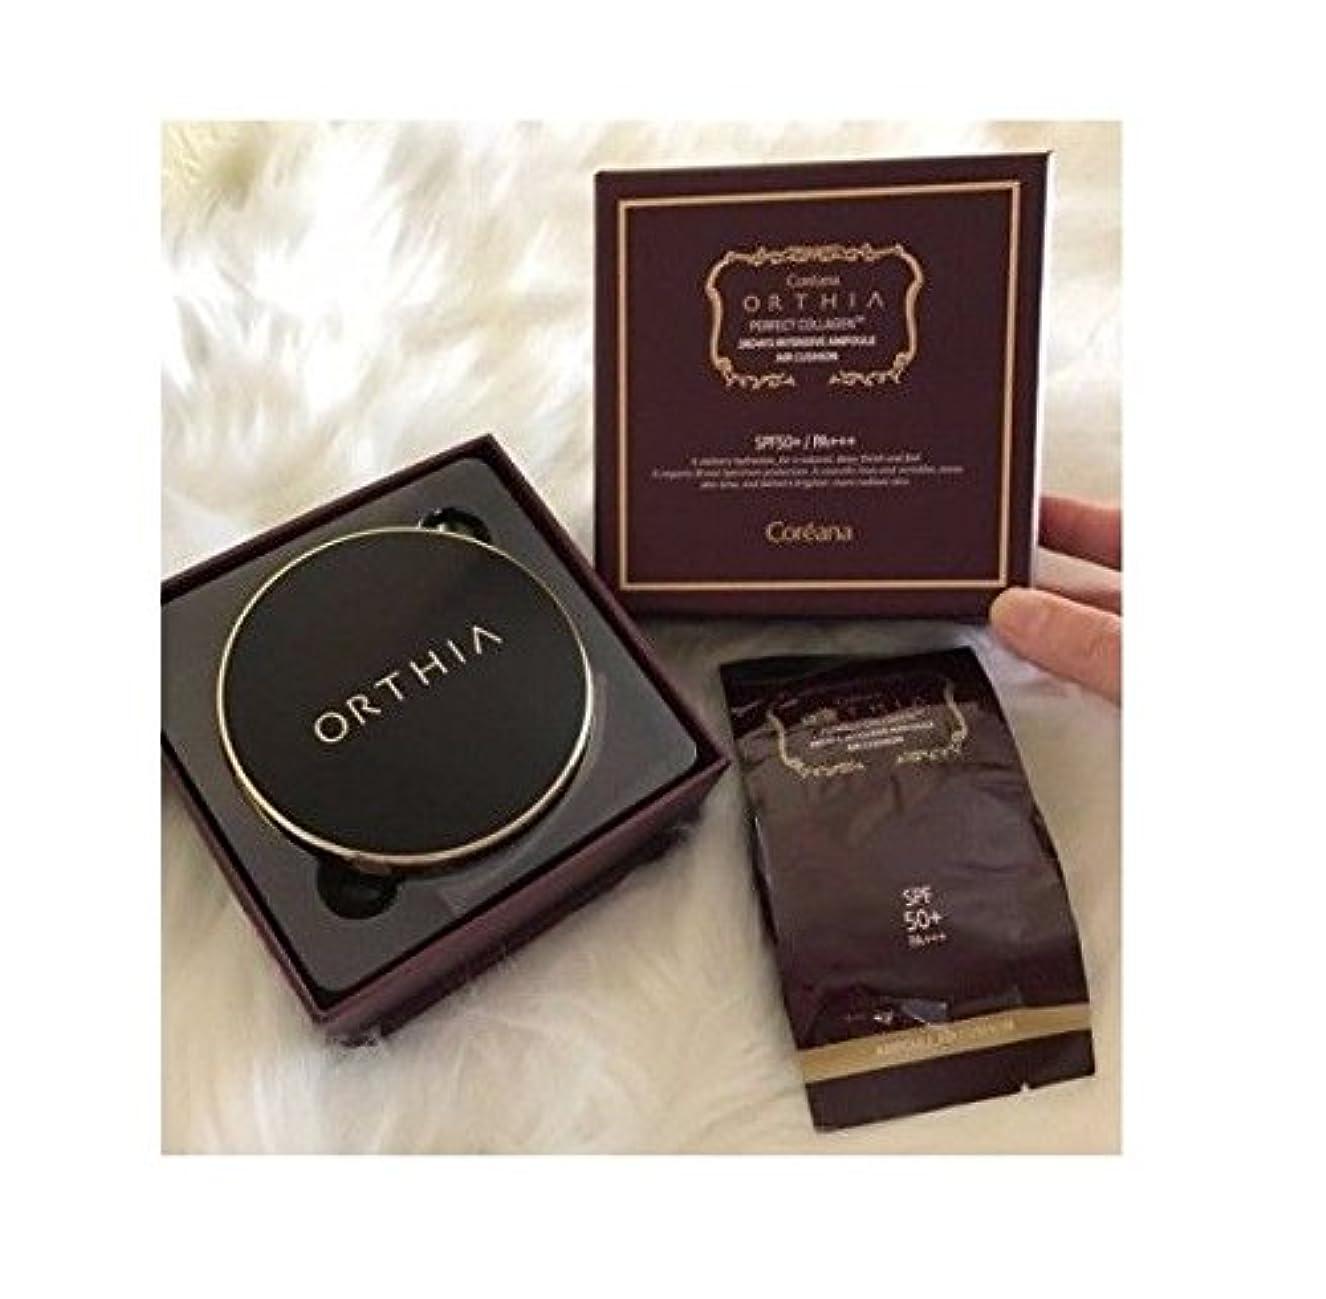 周術期退却紳士Coreana Orthia Perfect Collagen 28days Intensive Air Cushion SPF50+/PA+++(15g + Refill 15g)/Korea Cosmetics